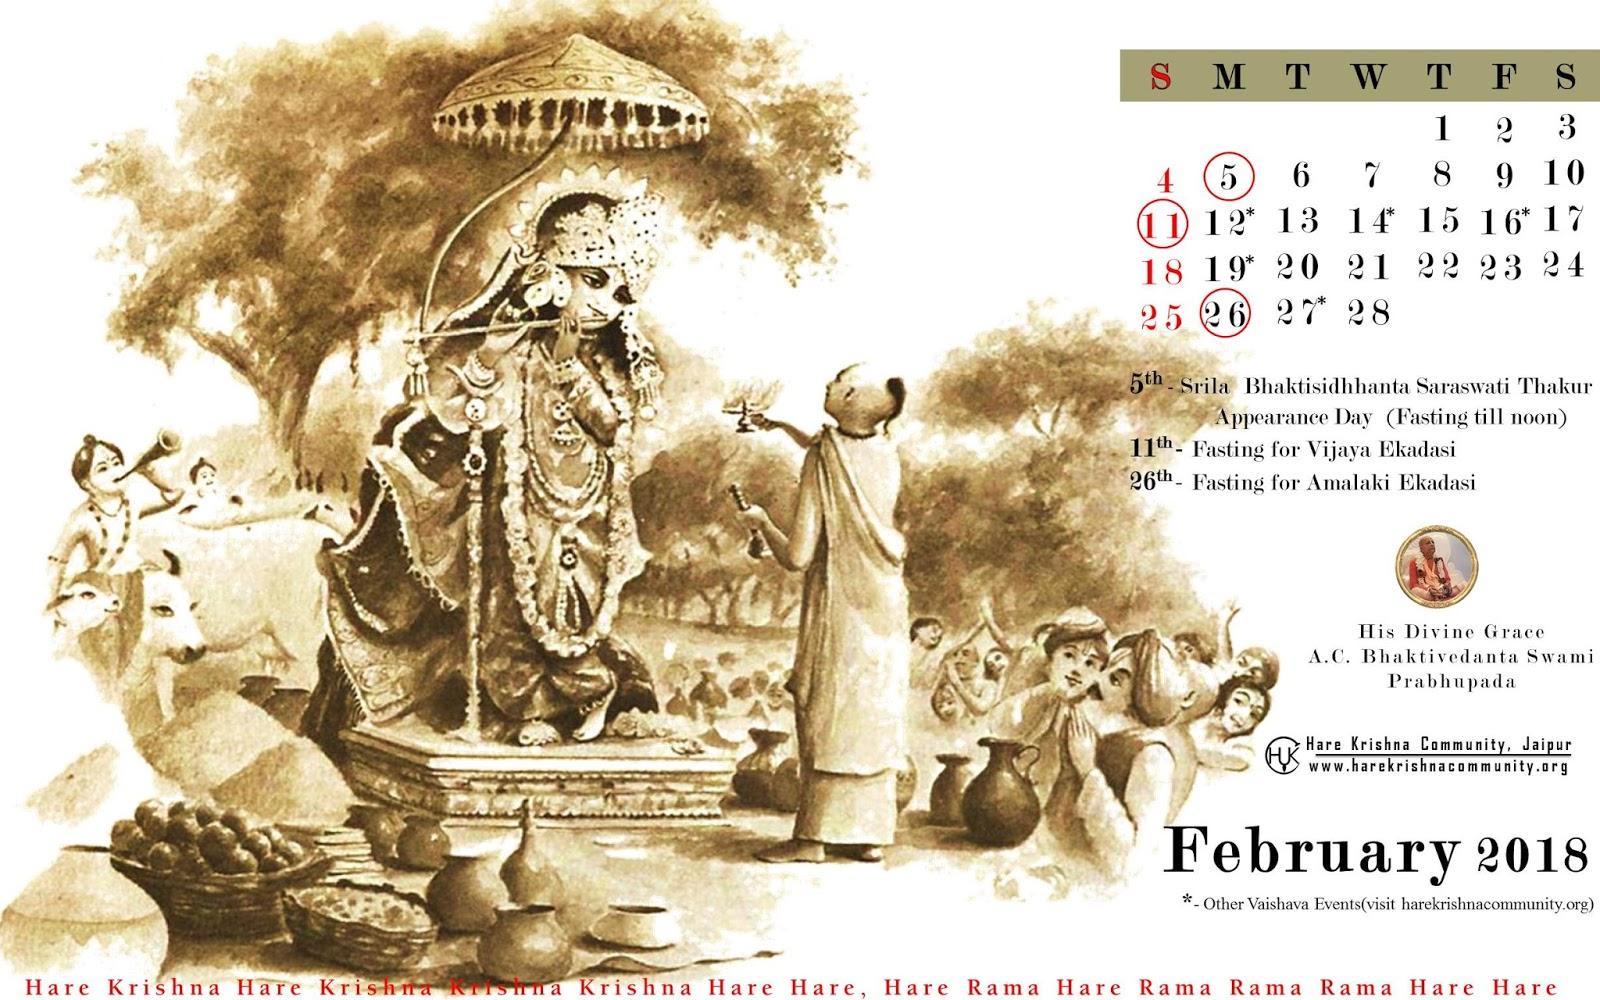 Hare Krishna Community Jaipur: Vaishnava Calendar